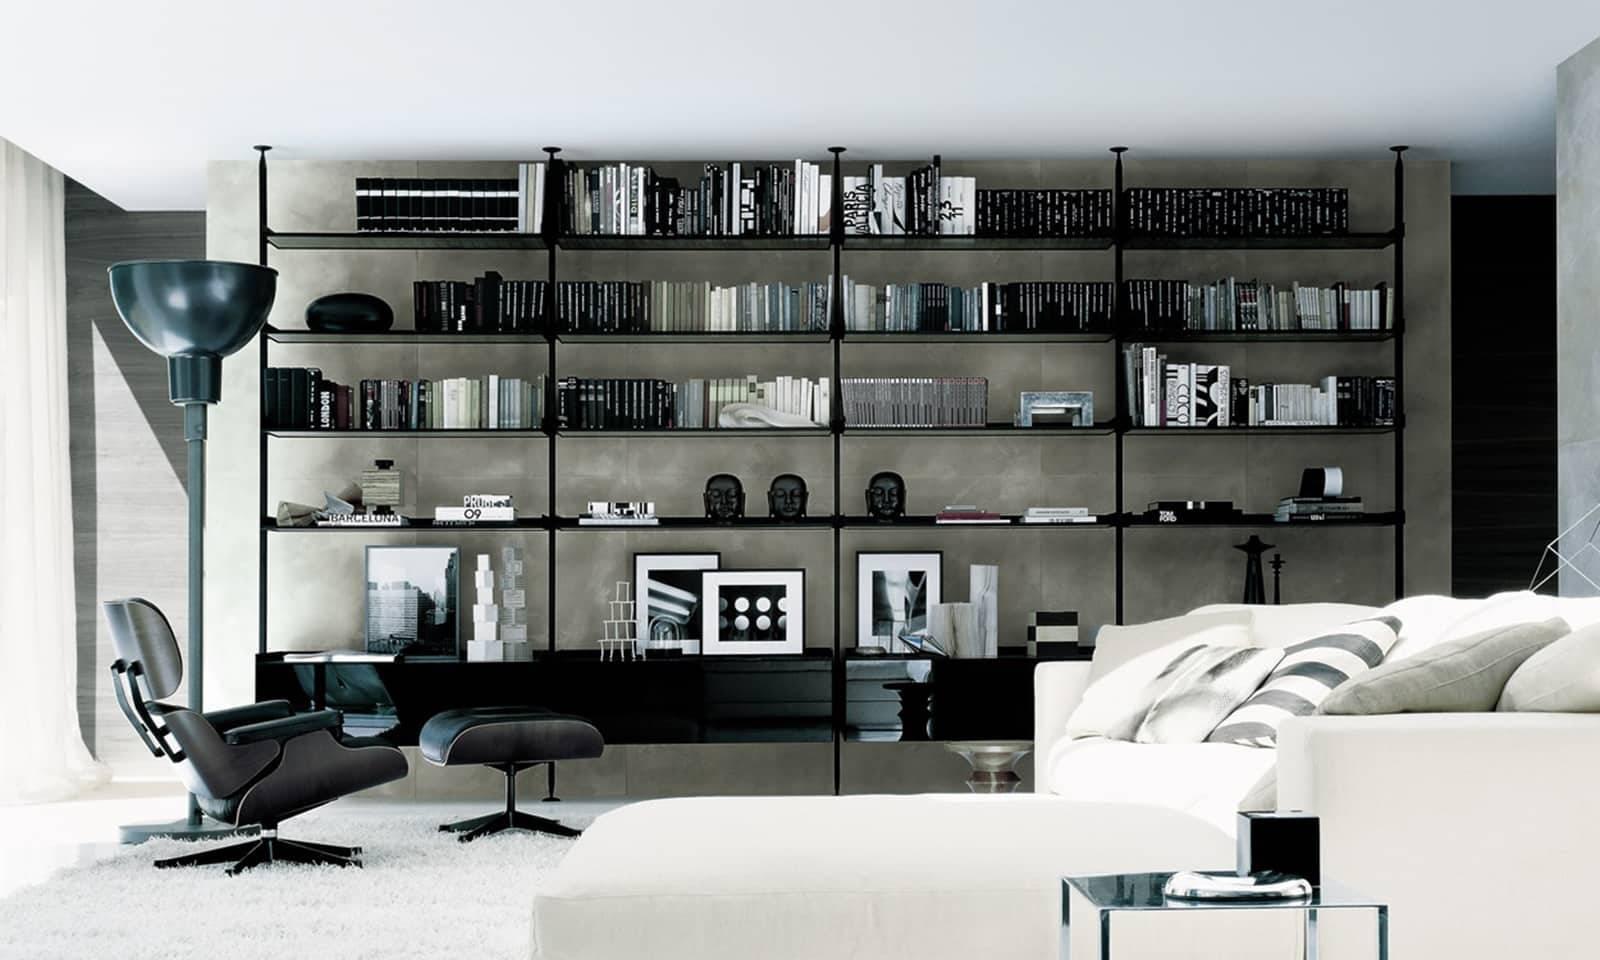 design boekenkast met zwart gelakt aluminium staanders, legplanken in grijs transparant glas en ladeblokken in zwart gelakt glas rimadesio zenit italiaans design